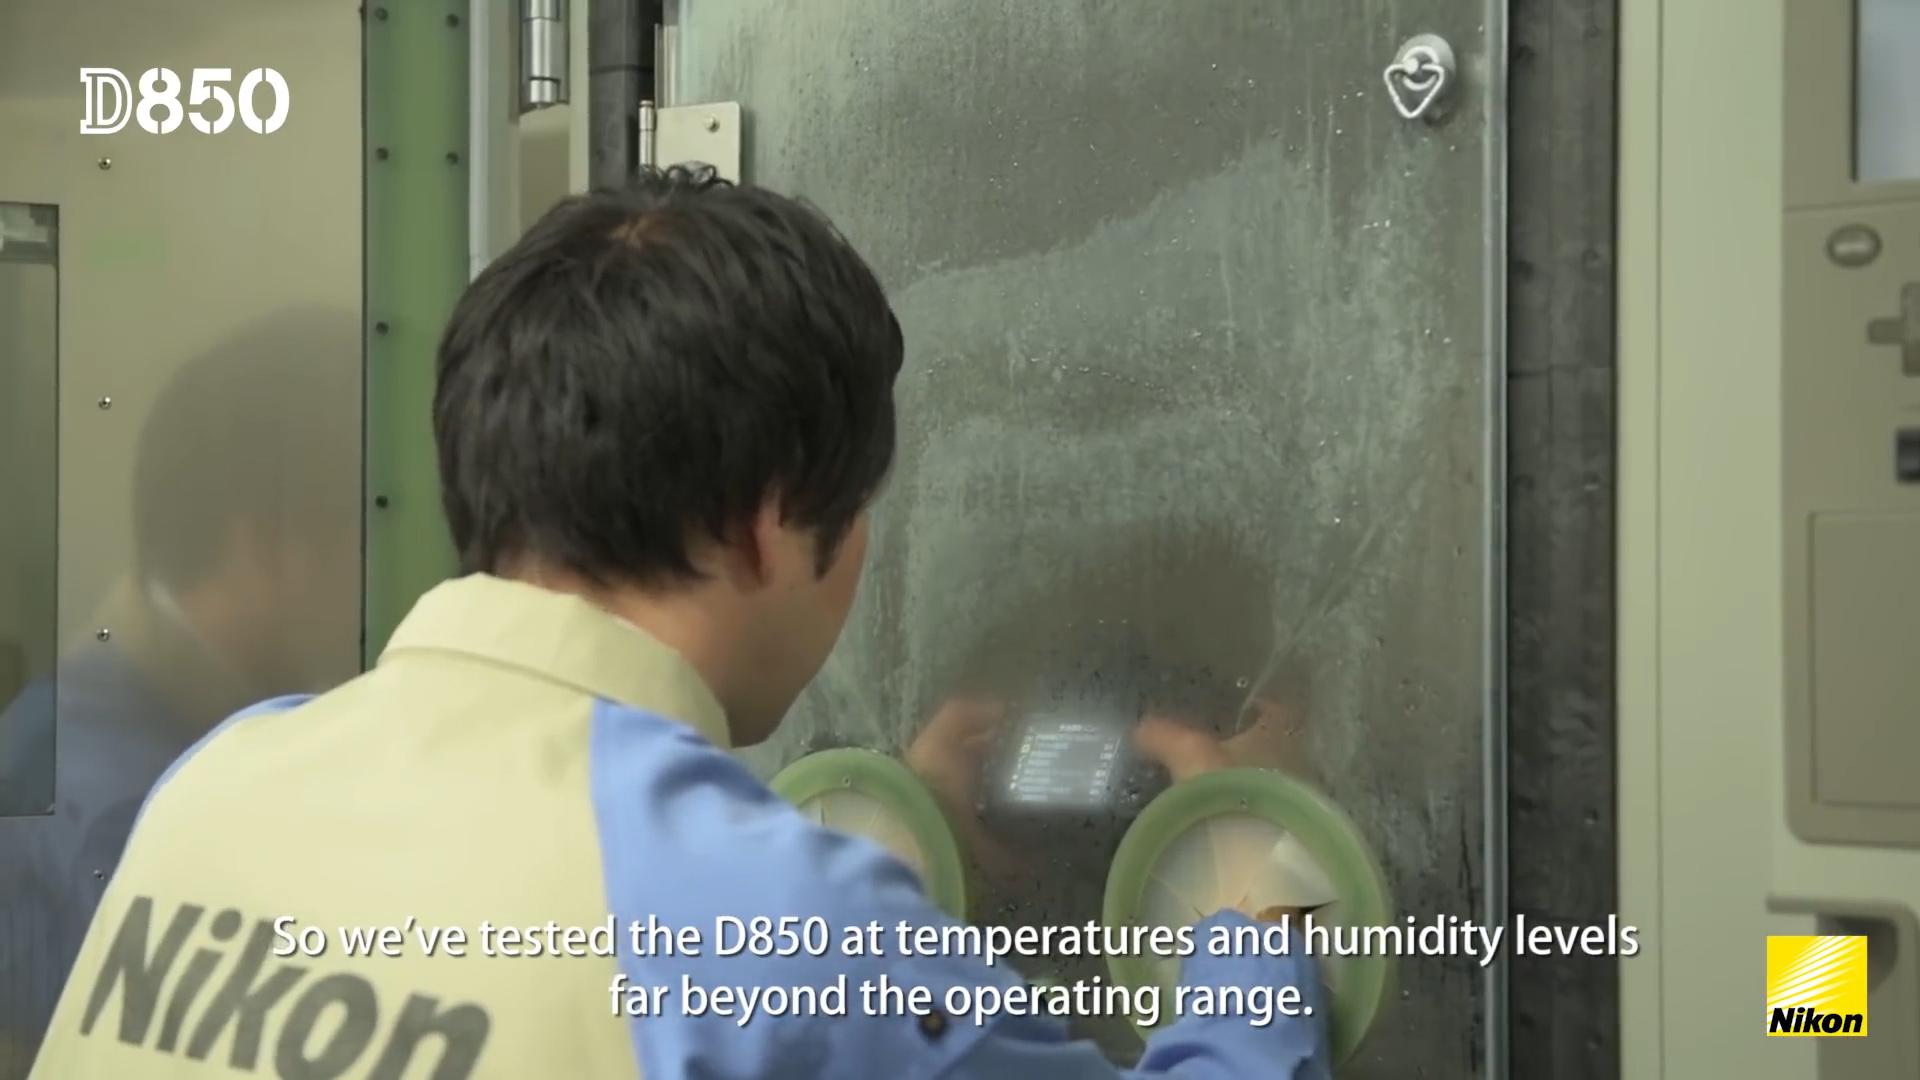 Vaata videot: Kuidas Nikon testib D850 peegelkaamera töökindlust